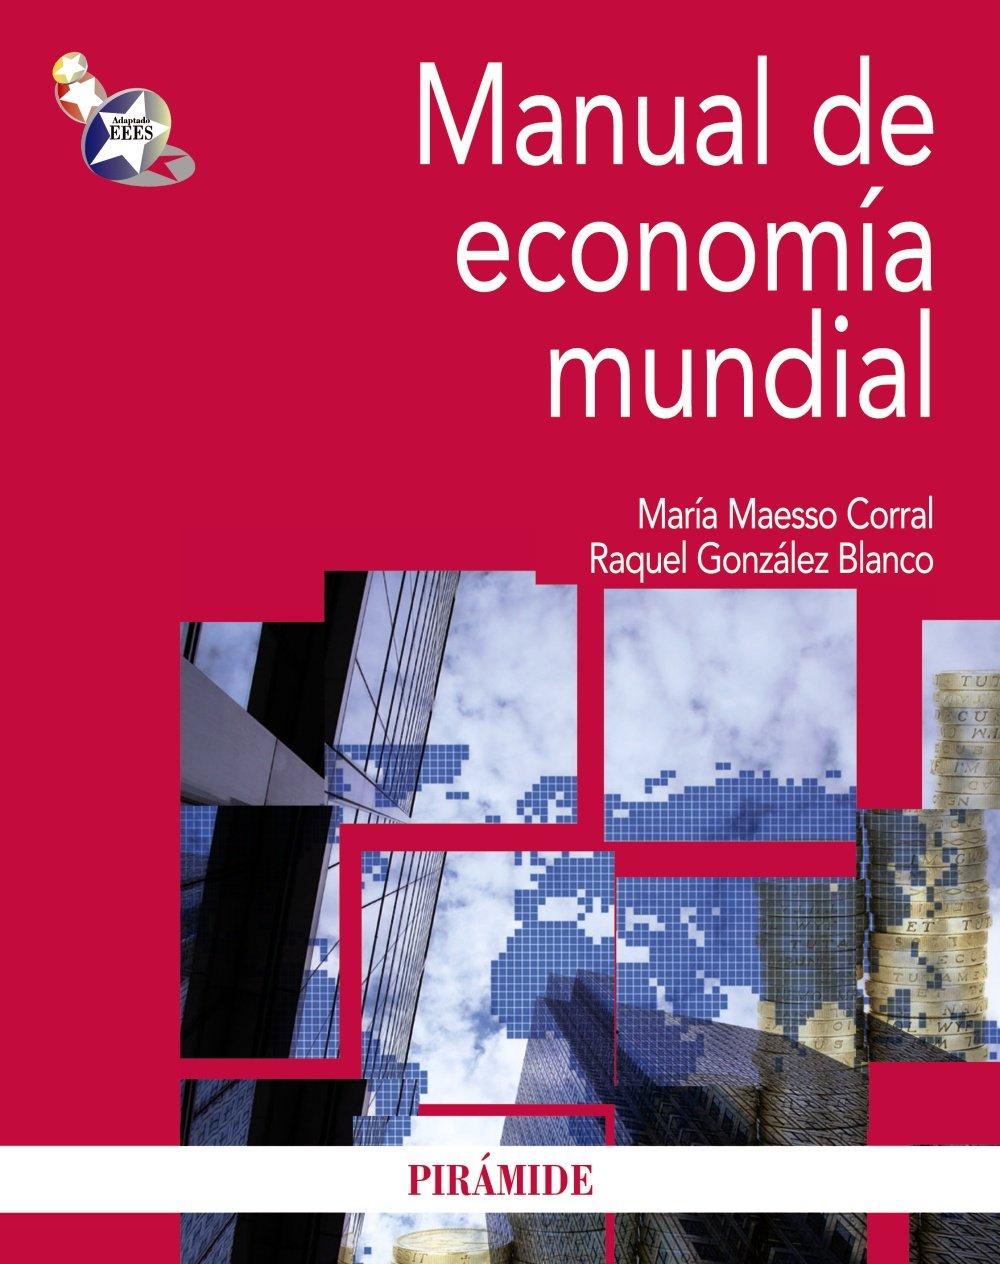 Manual de economía mundial (Economía y Empresa): Amazon.es: Maesso Corral, María, González Blanco, Raquel: Libros